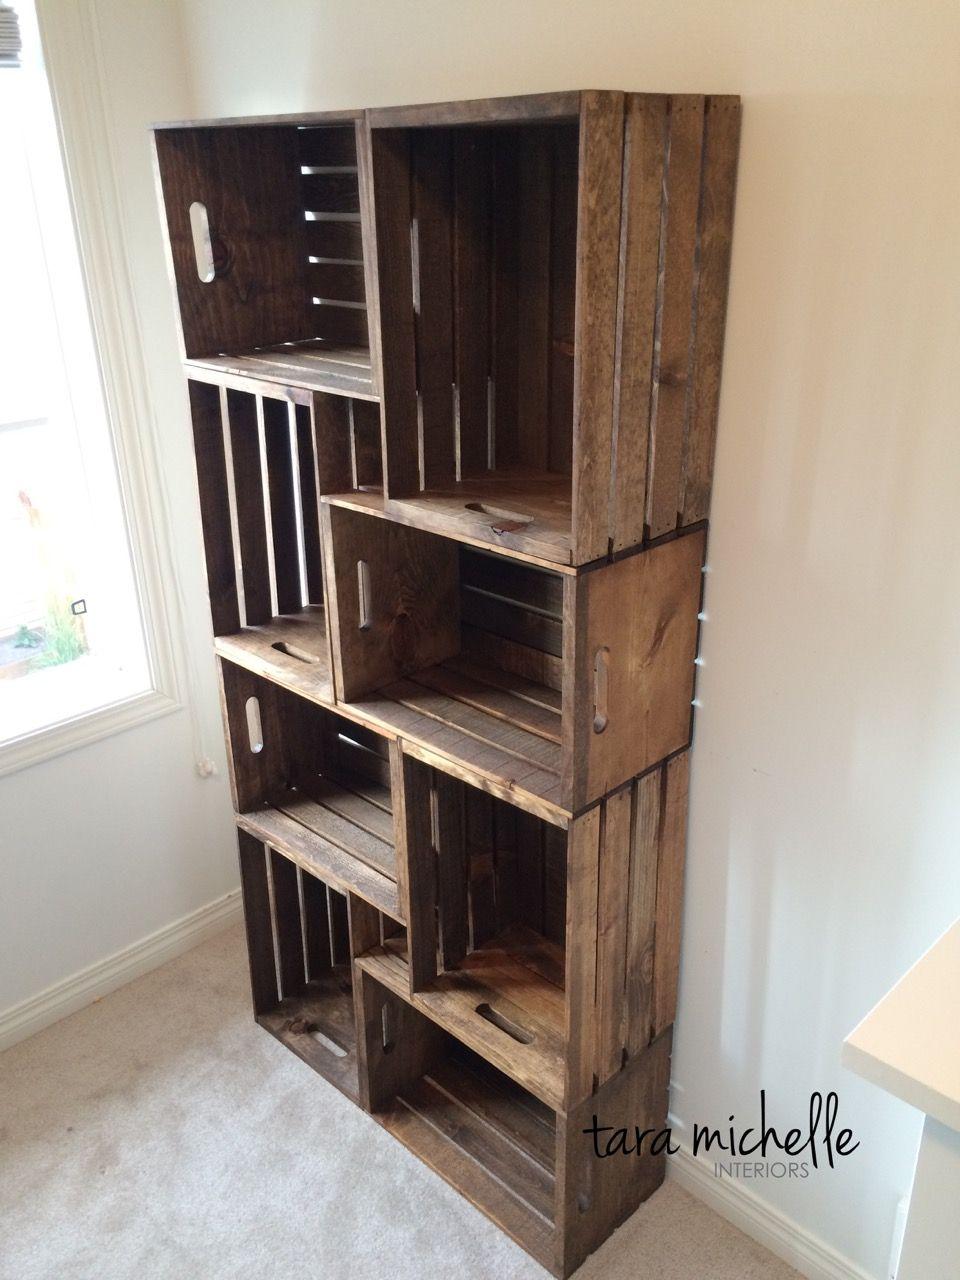 Comment Fabriquer Une Caisse En Bois comment fabriquer une bibliothèque tendance avec des caisses